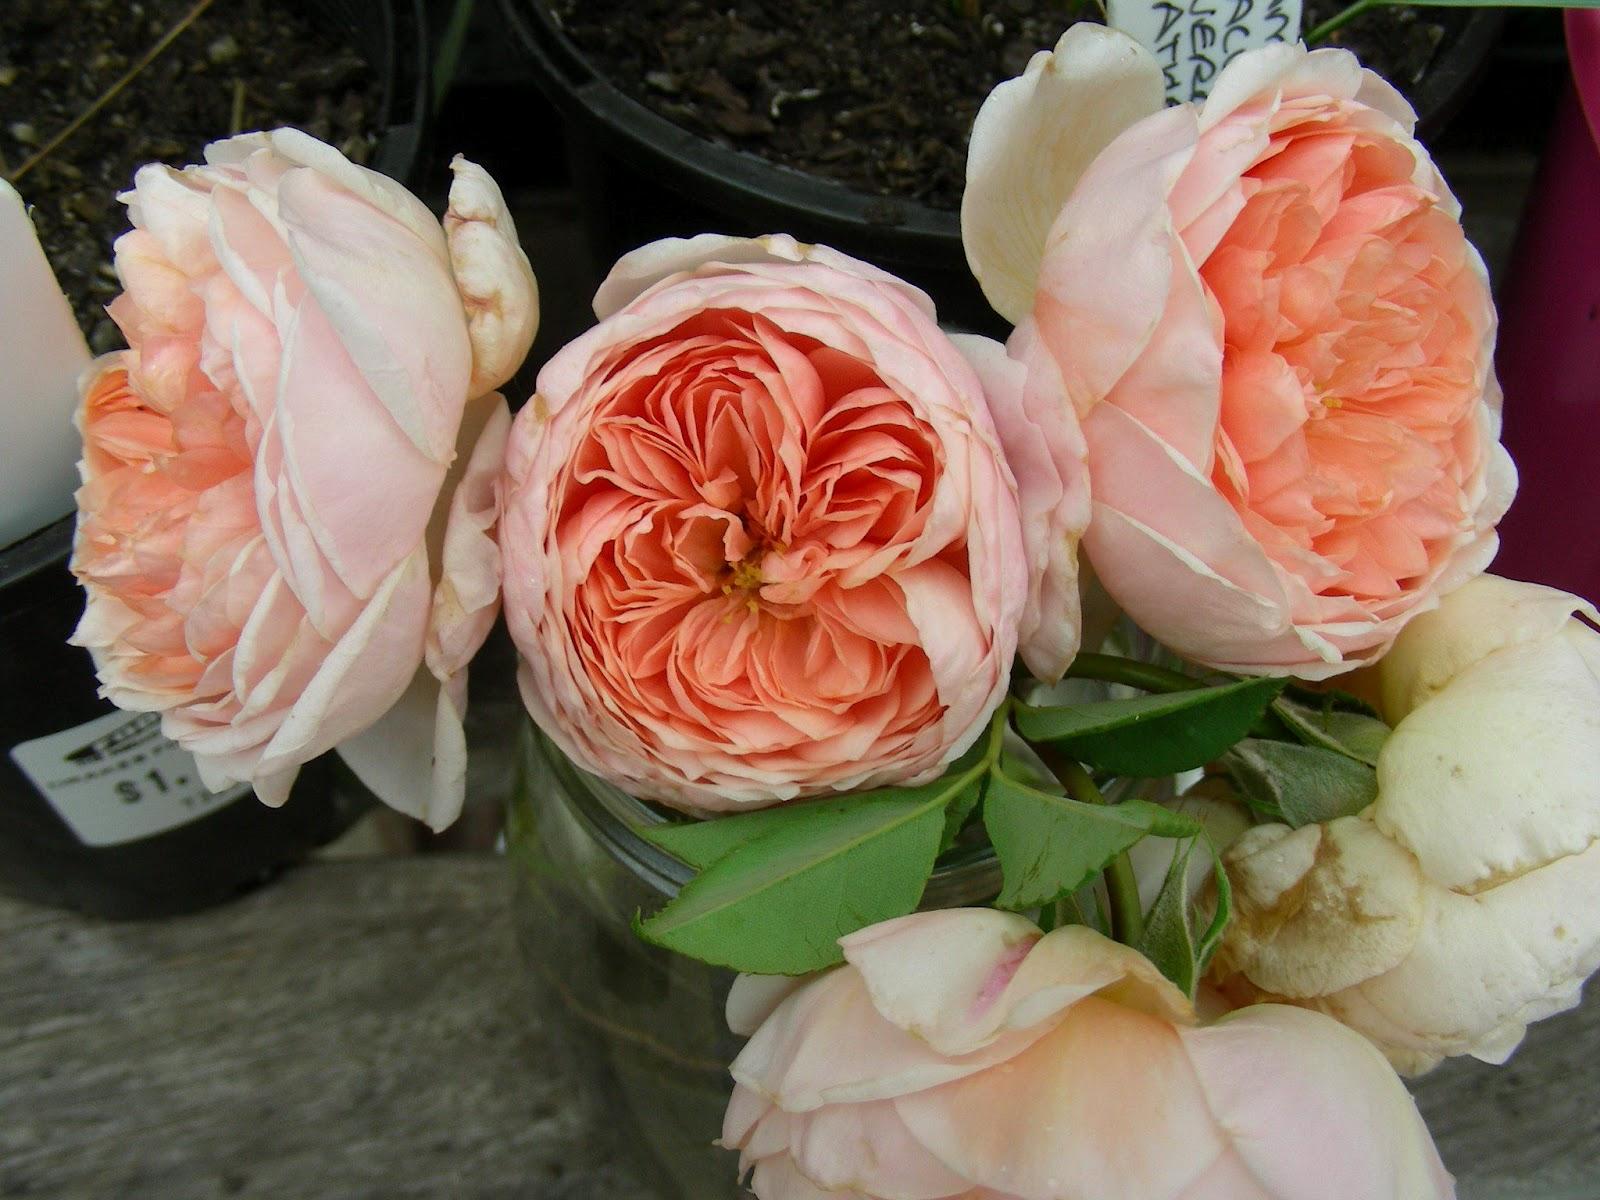 rose garden david austin roses. Black Bedroom Furniture Sets. Home Design Ideas